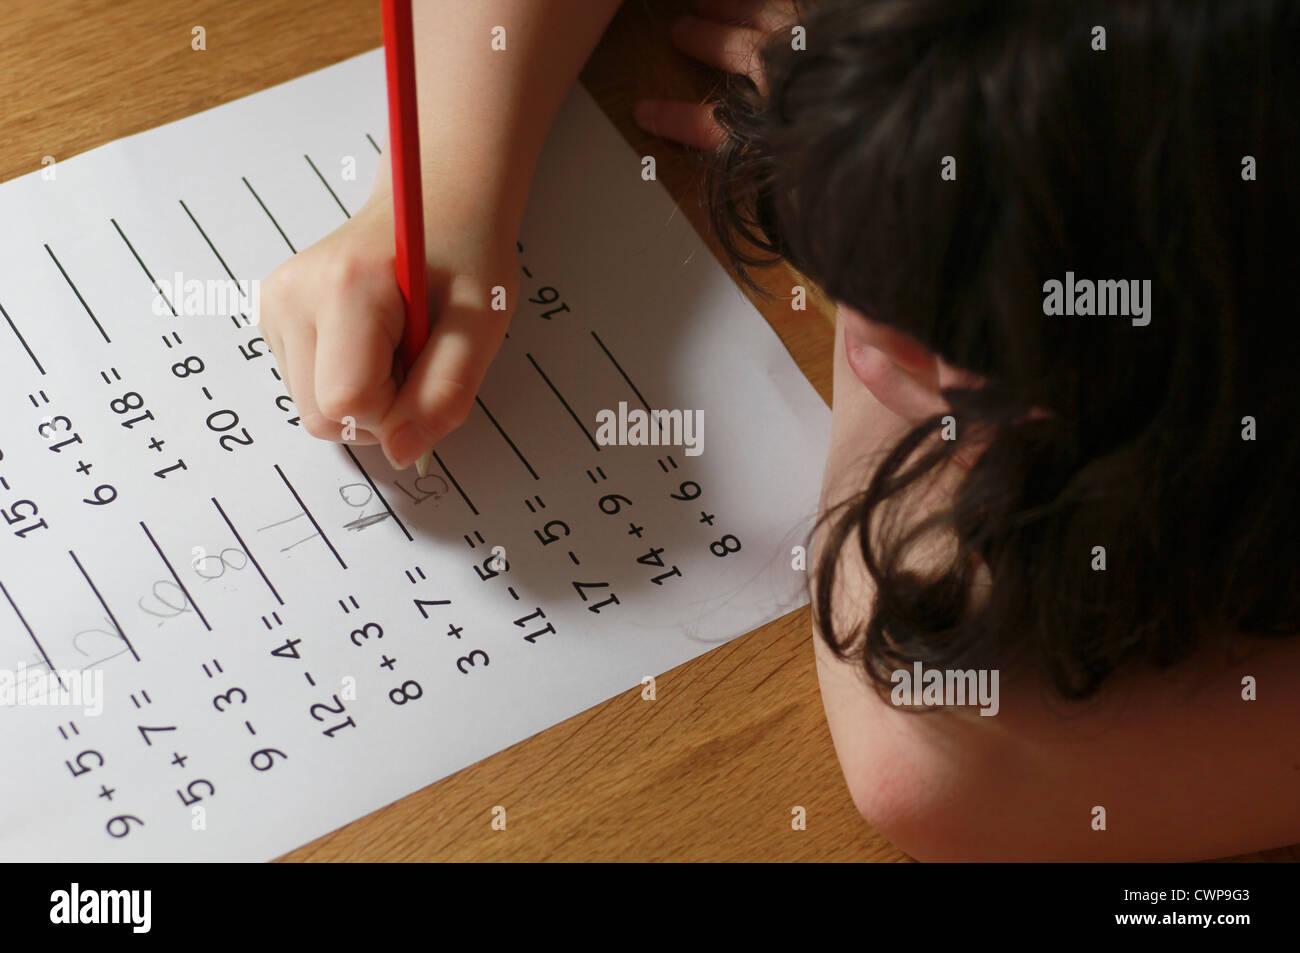 Kleines Mädchen Mathe Hausaufgaben Stockfoto, Bild: 50277587 - Alamy